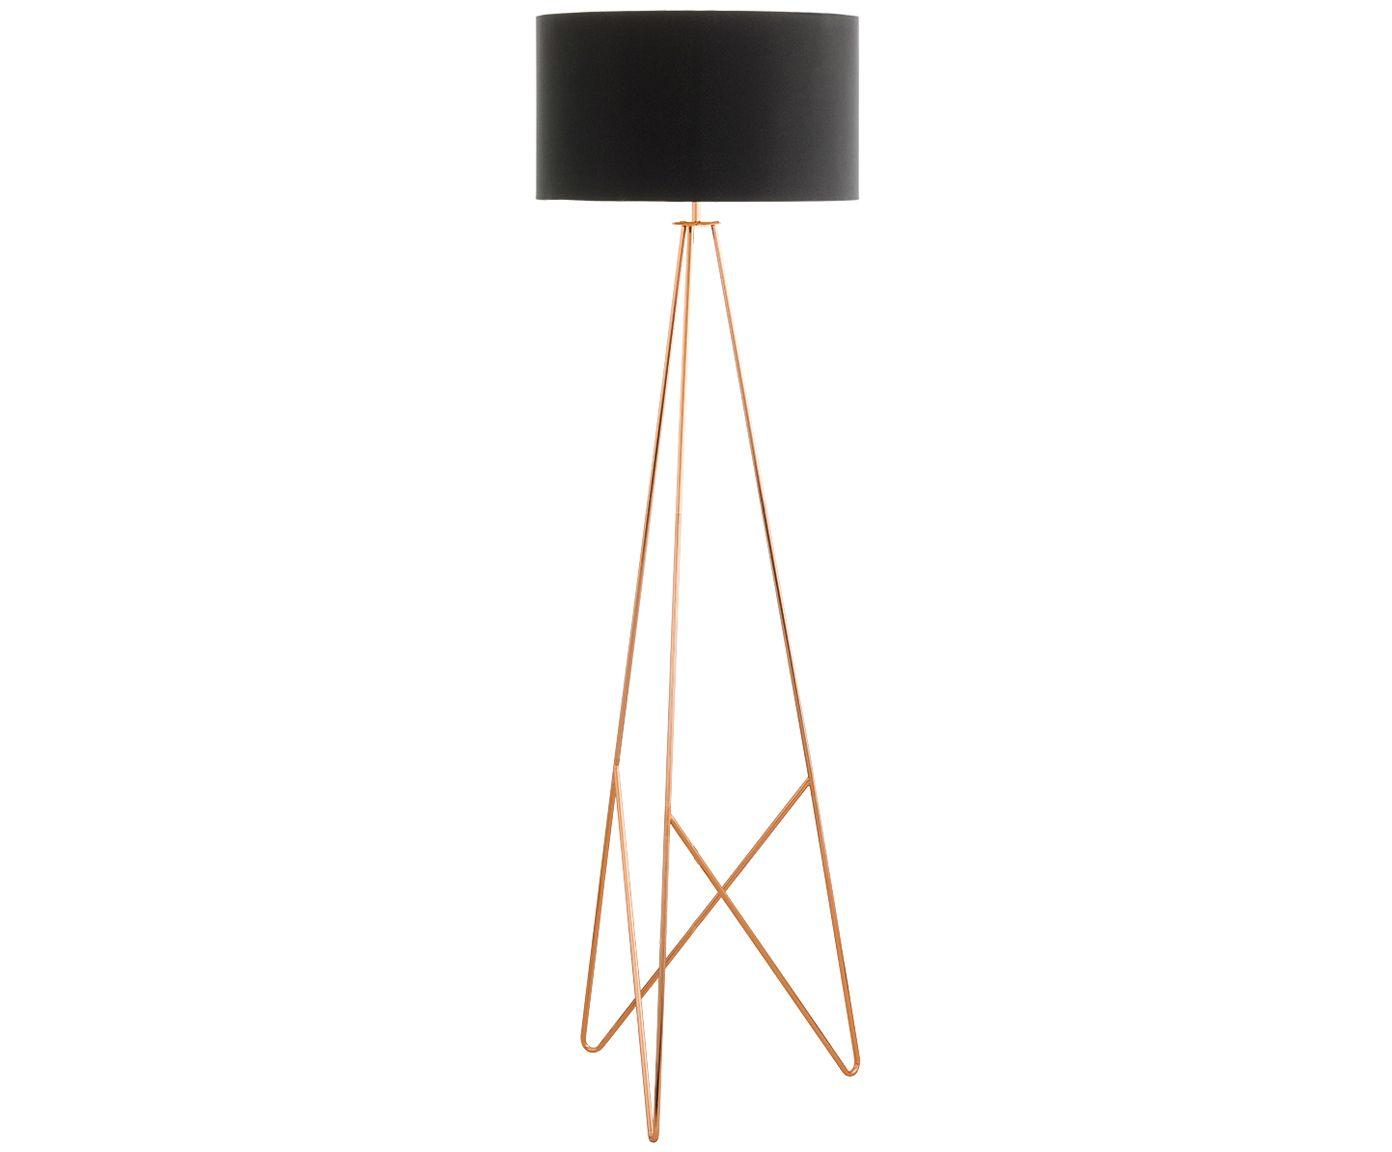 Stehlampe Camporale In Kupfer Leuchten Stehlampe Kupfer Farbe